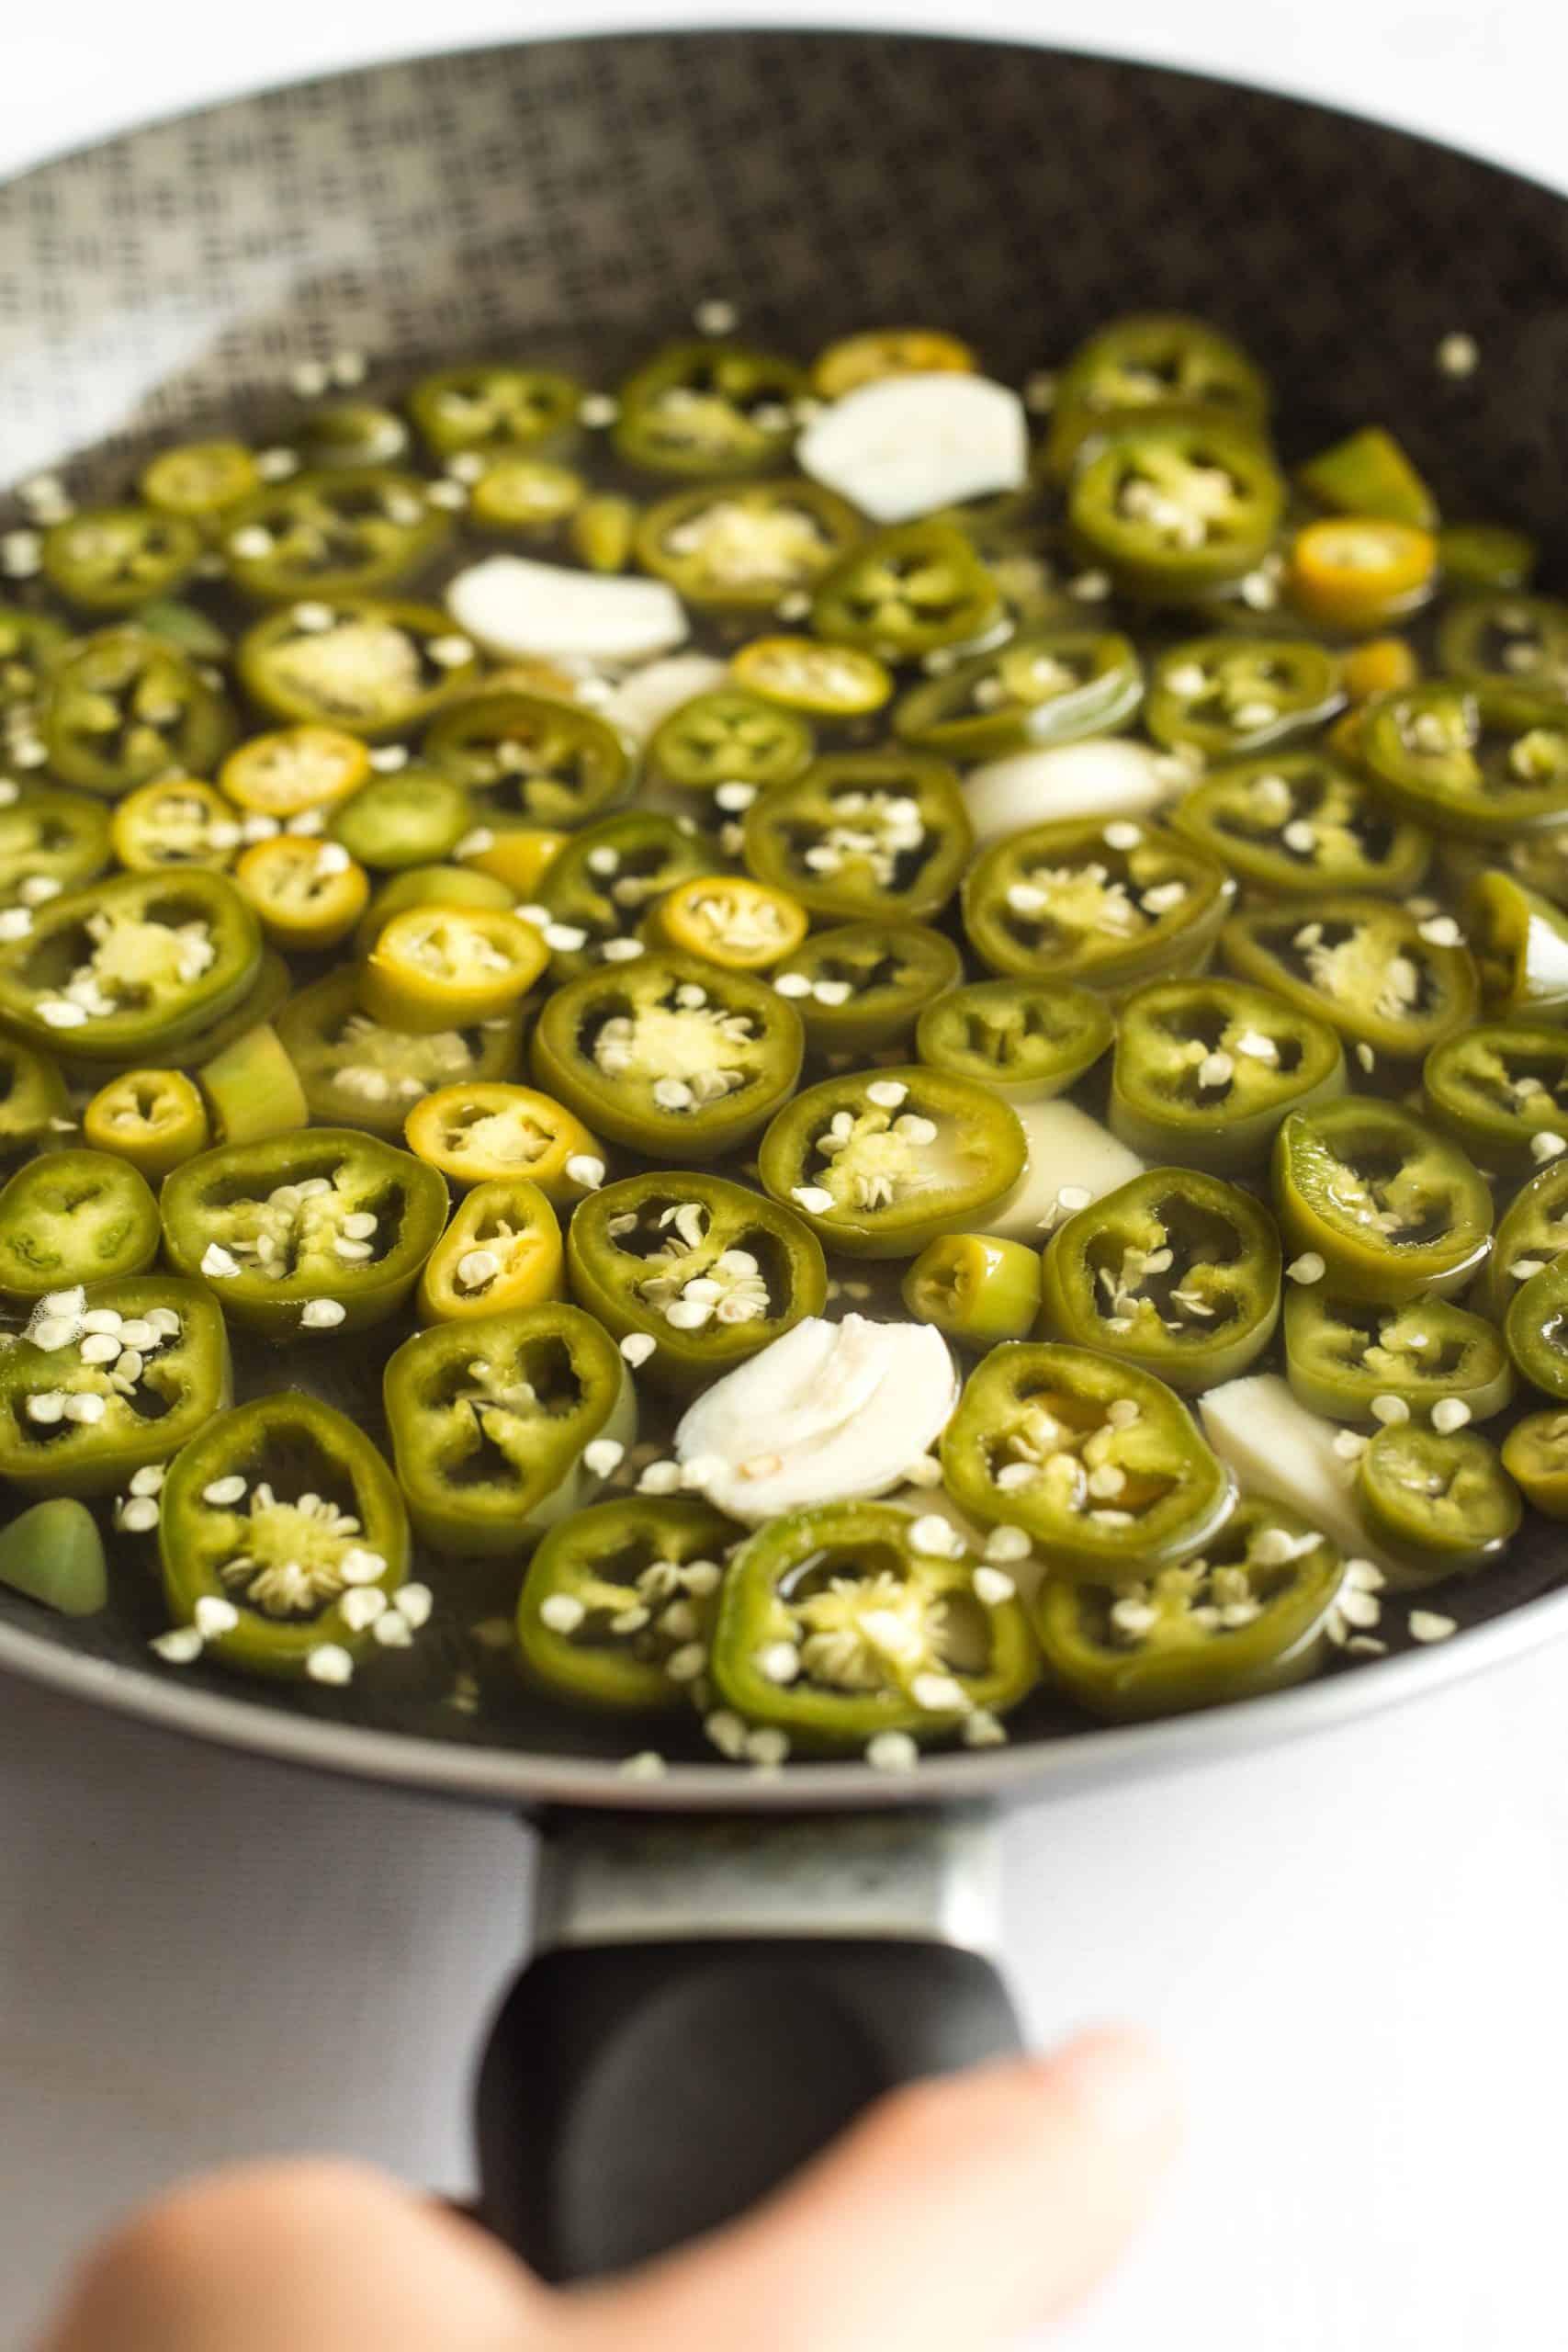 A large skillet of freshly pickled jalapeño peppers.